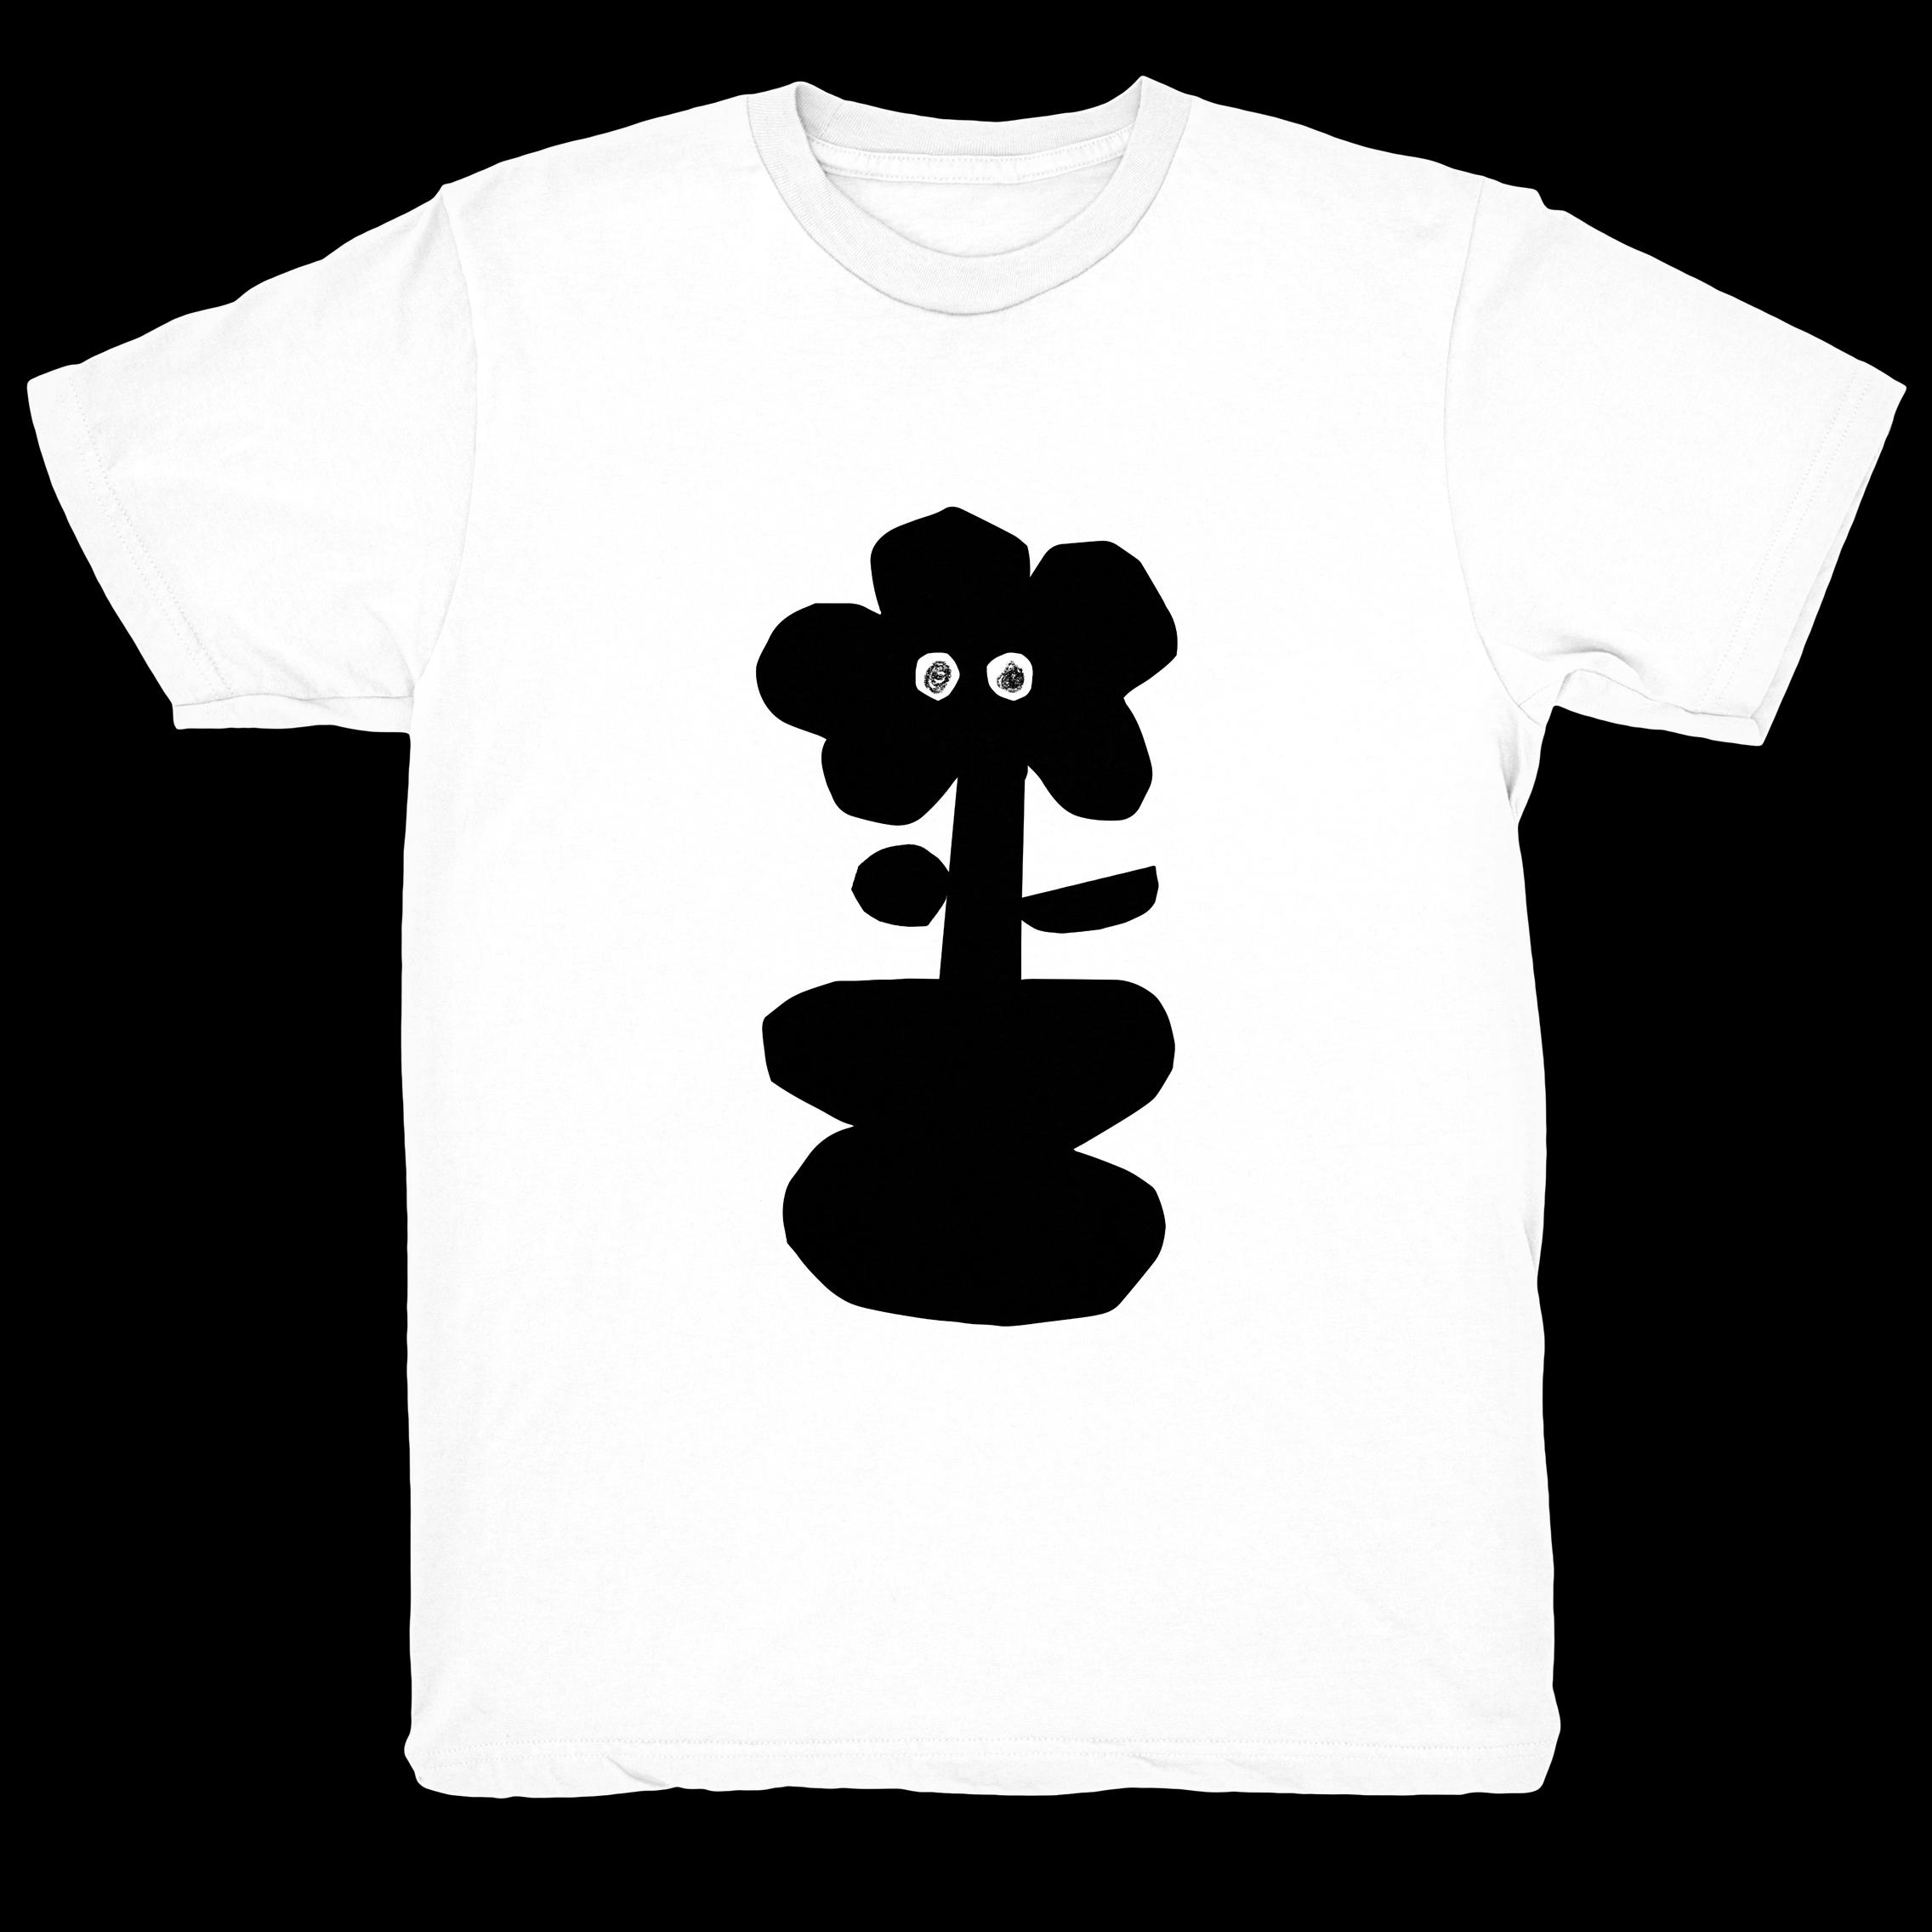 Oli cantrill flower boy black